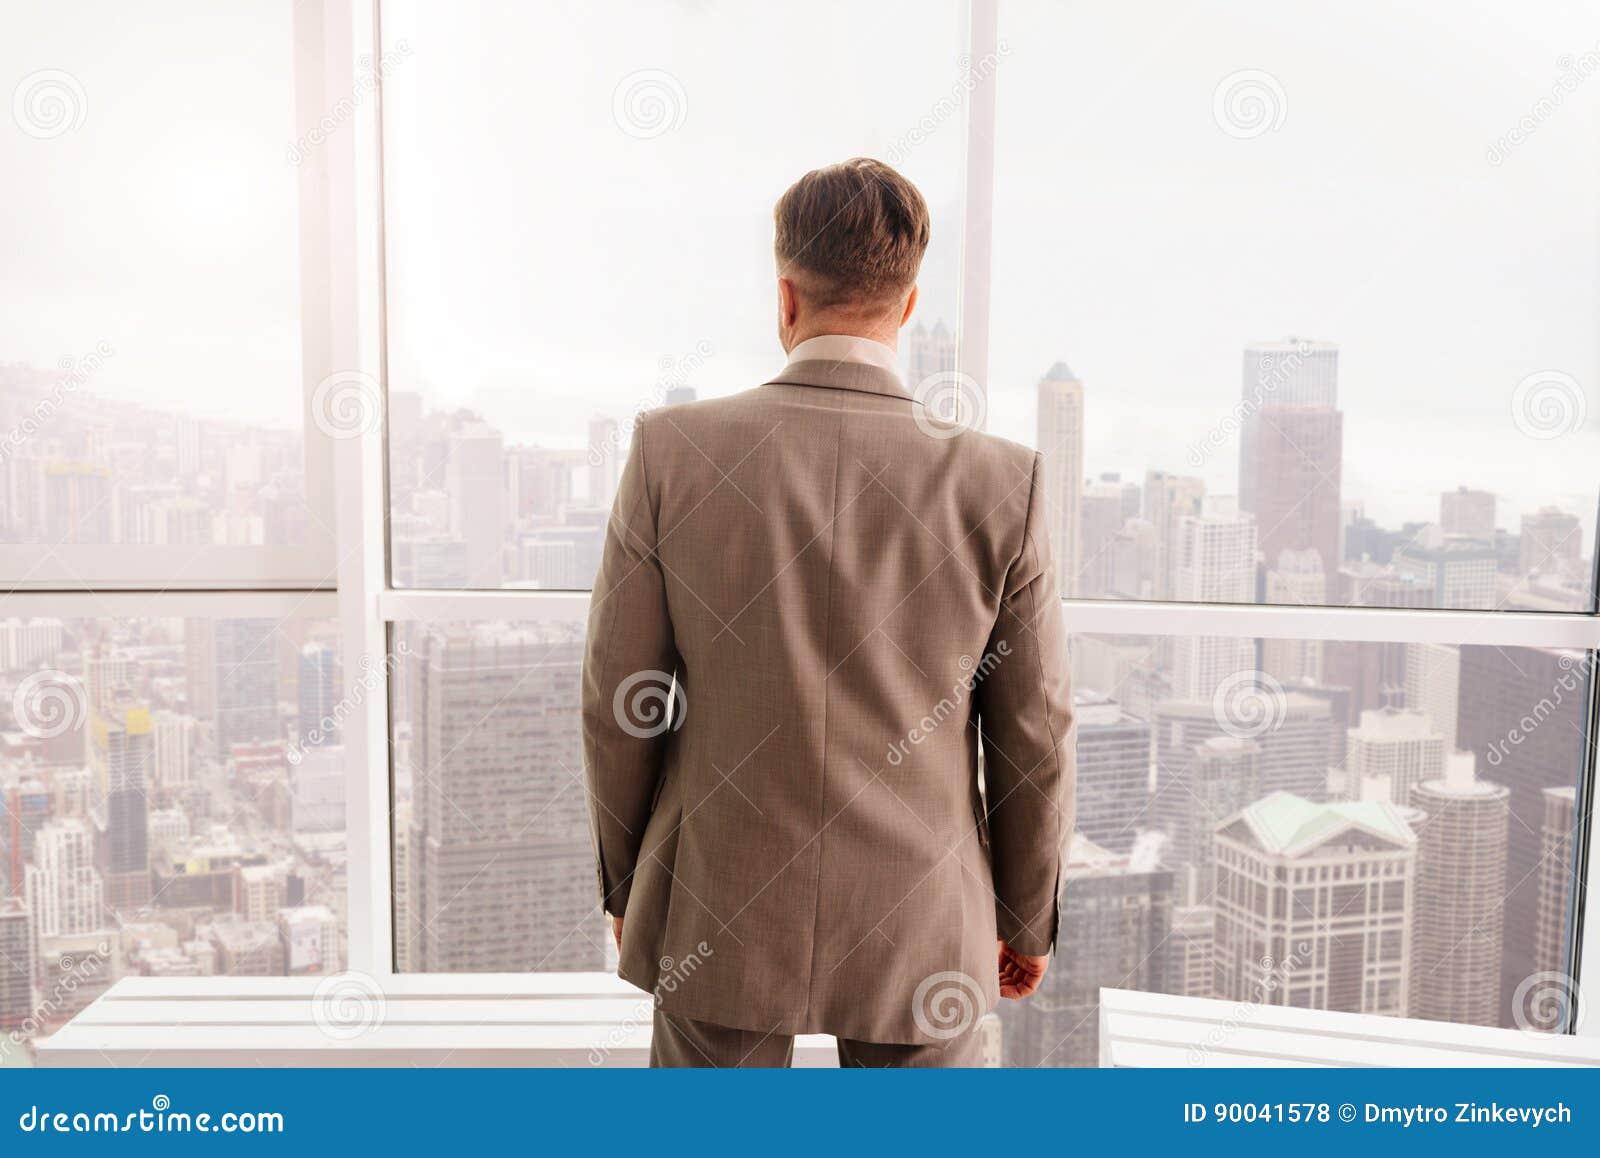 Вид сзади бизнесмена стоя близко окно